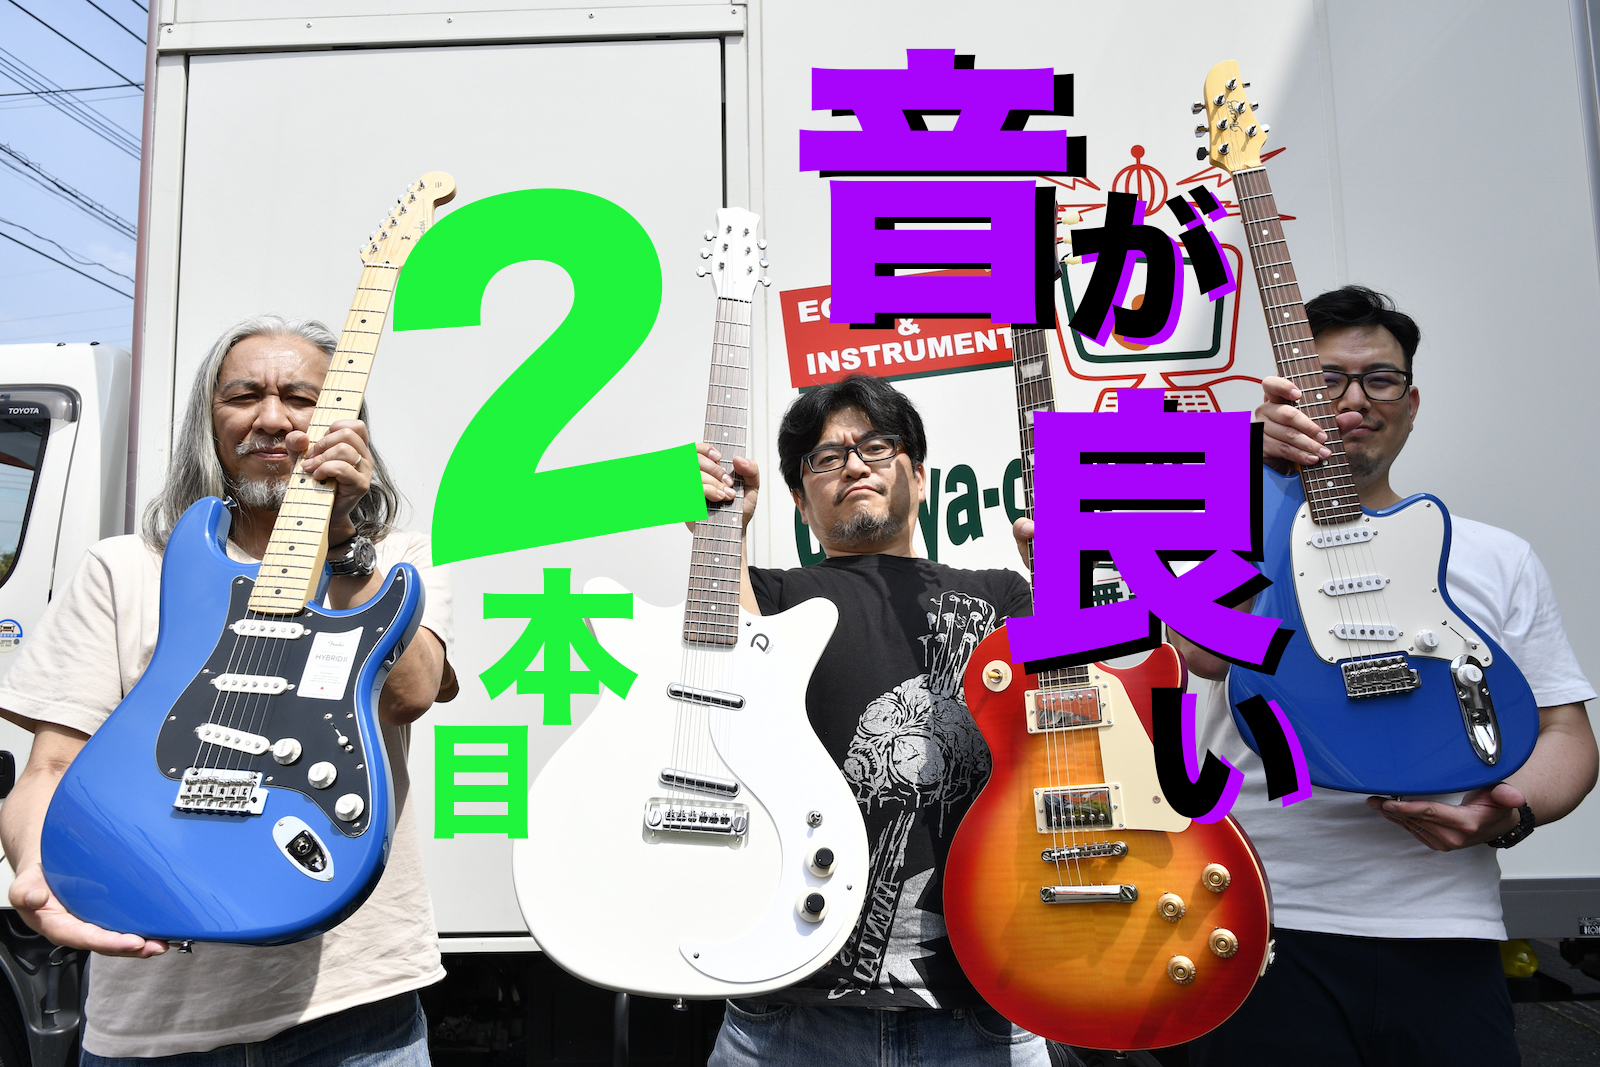 「2本目のギター、もっと音が良いのが欲しい!」問題に挑む!《シリーズ 楽しもう!巣ごもり音楽生活002》